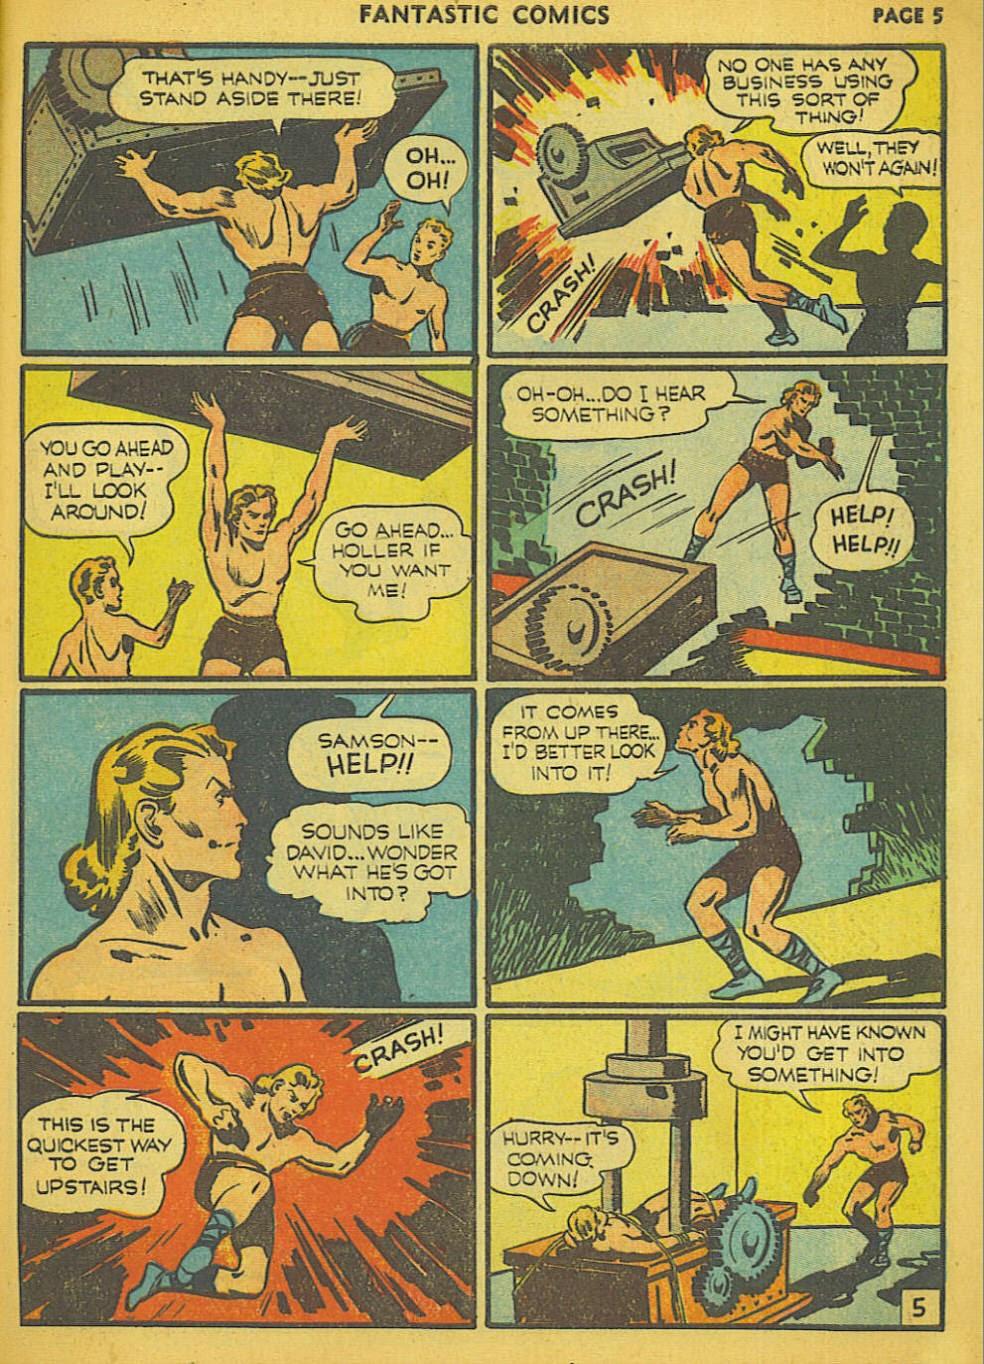 Read online Fantastic Comics comic -  Issue #15 - 44